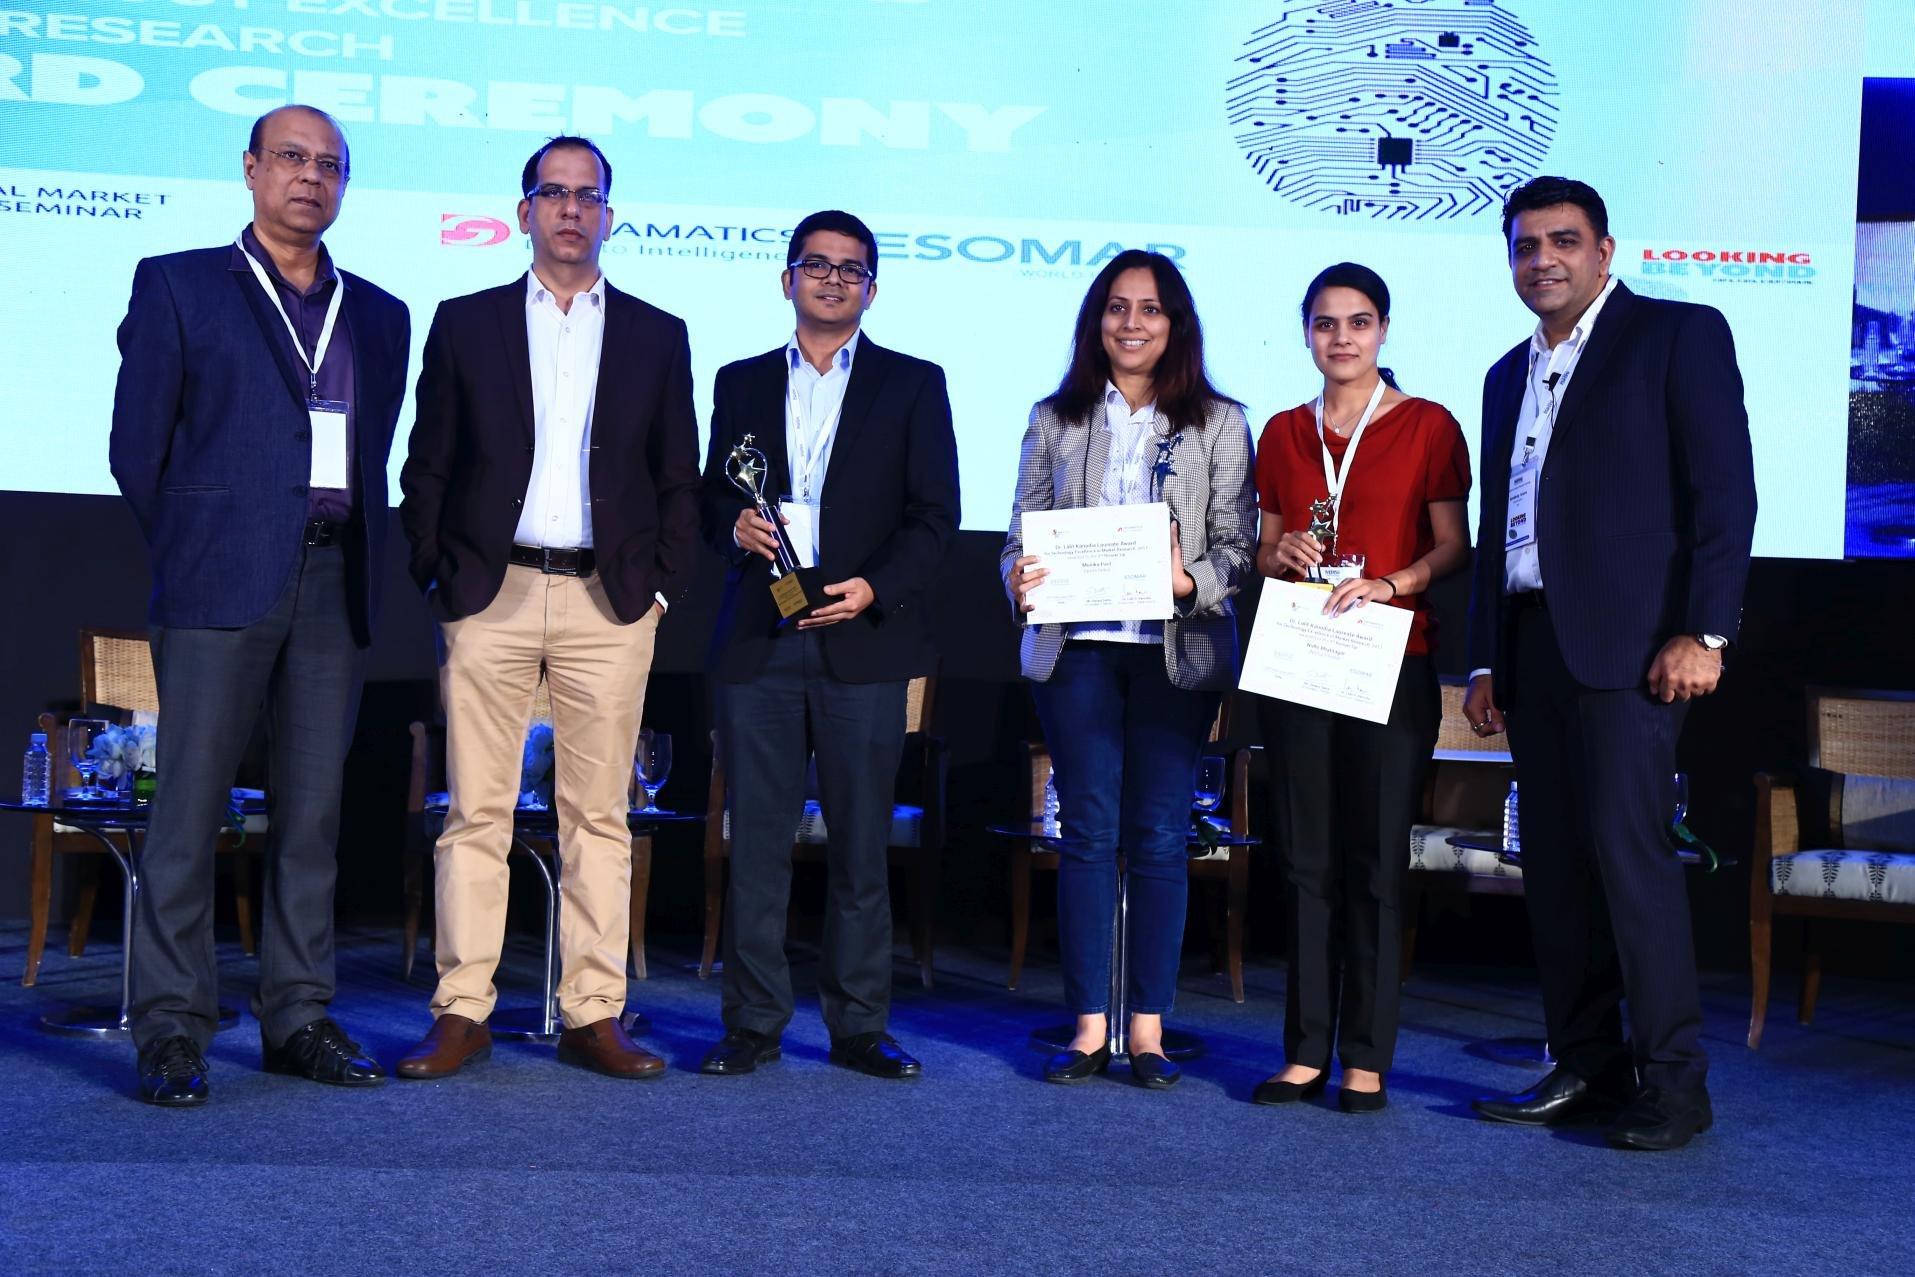 M Foi Dr. Lalit Kanodia Laureate Award